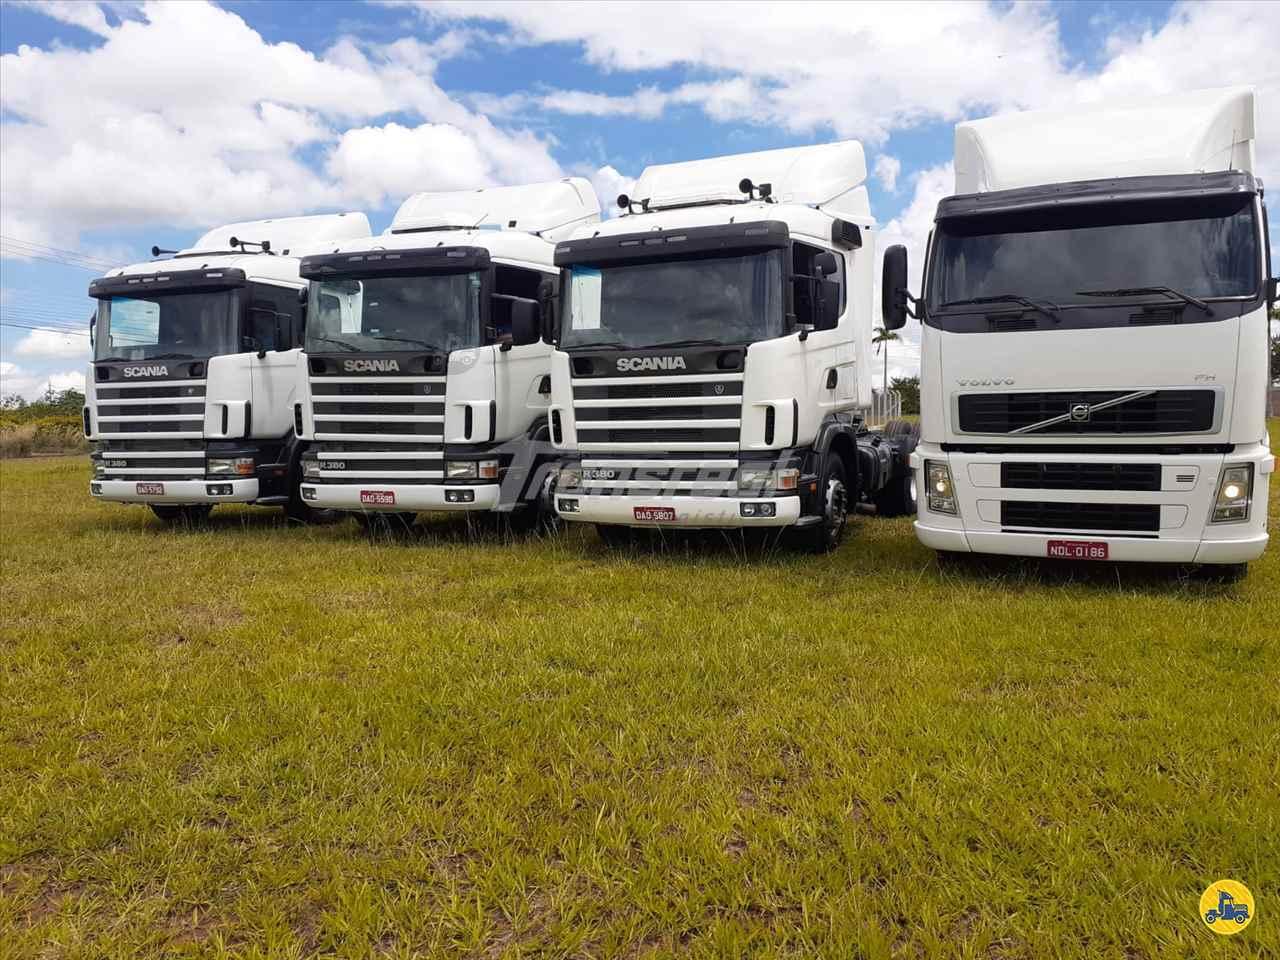 CAMINHAO SCANIA SCANIA 380 Cavalo Mecânico Truck 6x2 Transportadora Trans Real São José do Rio Preto SÃO PAULO SP